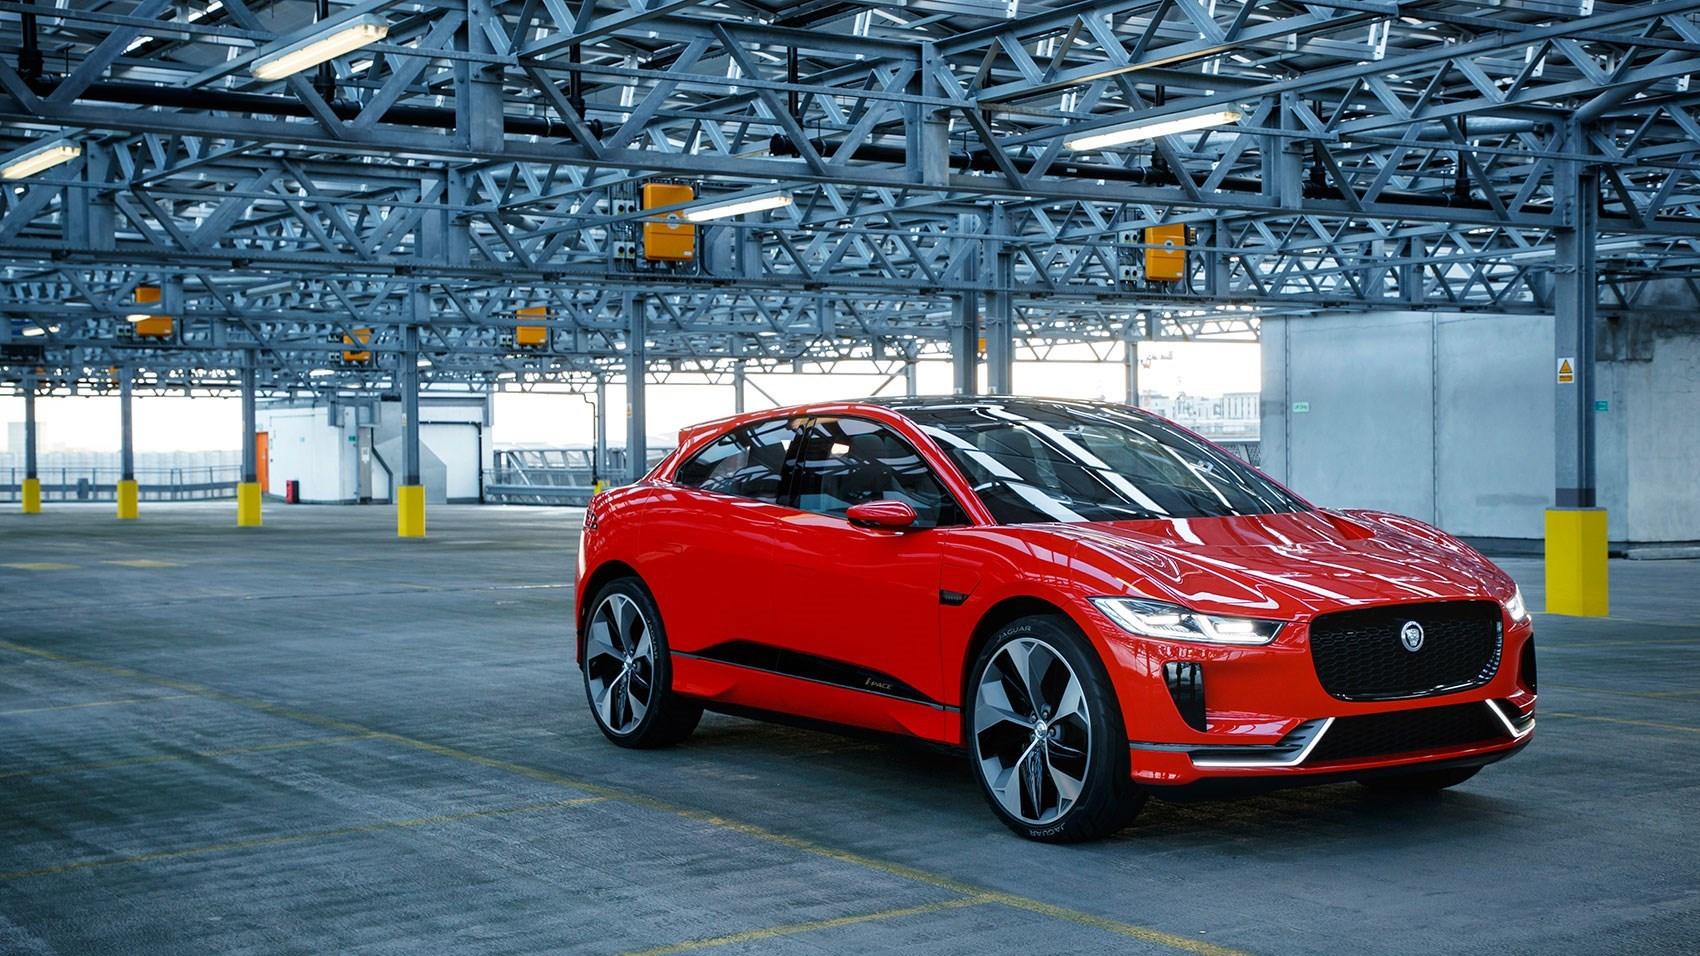 Το Jaguar I-PACE απέσπασε το βραβείο «Ευρωπαϊκό Αυτοκίνητο της Χρονιάς 2019»